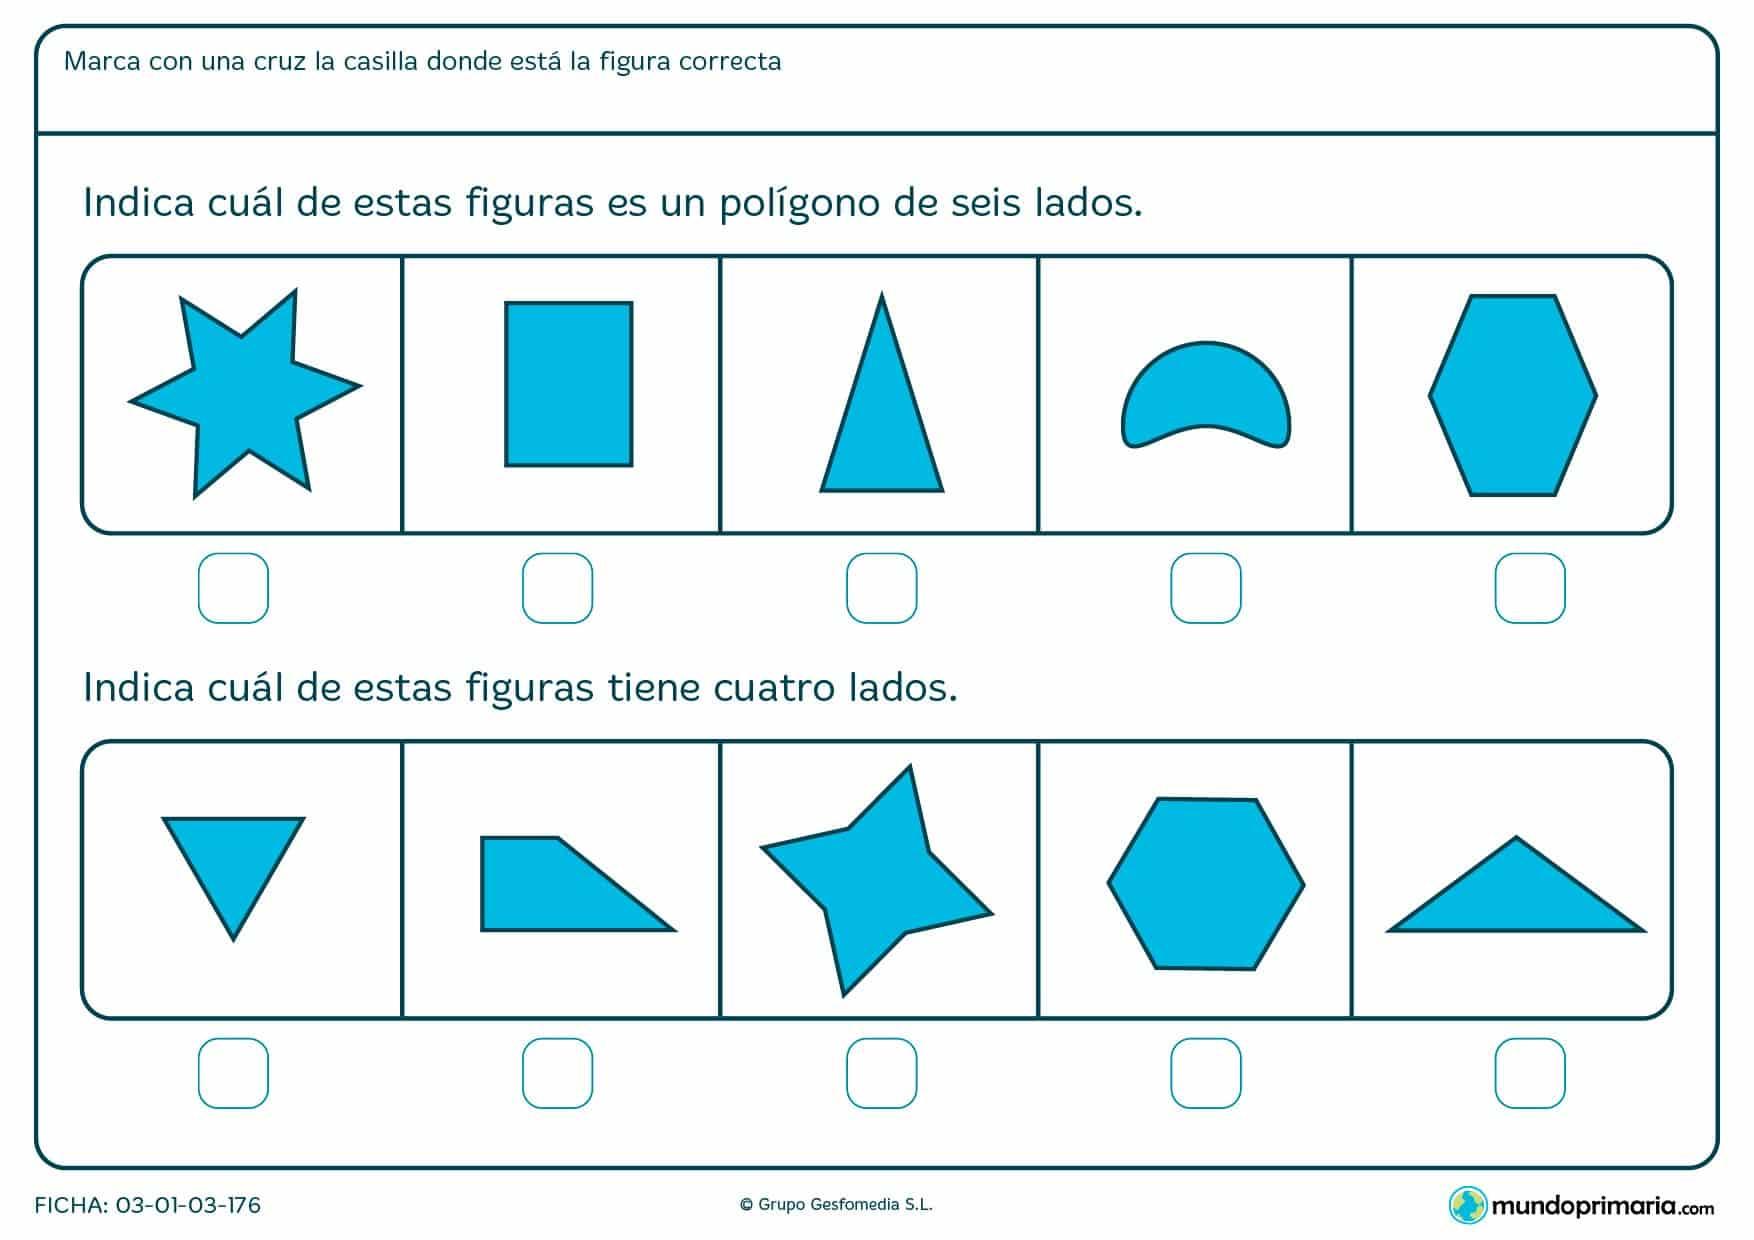 Ficha de cuatro lados para apoyar los deberes de los niños de primaria